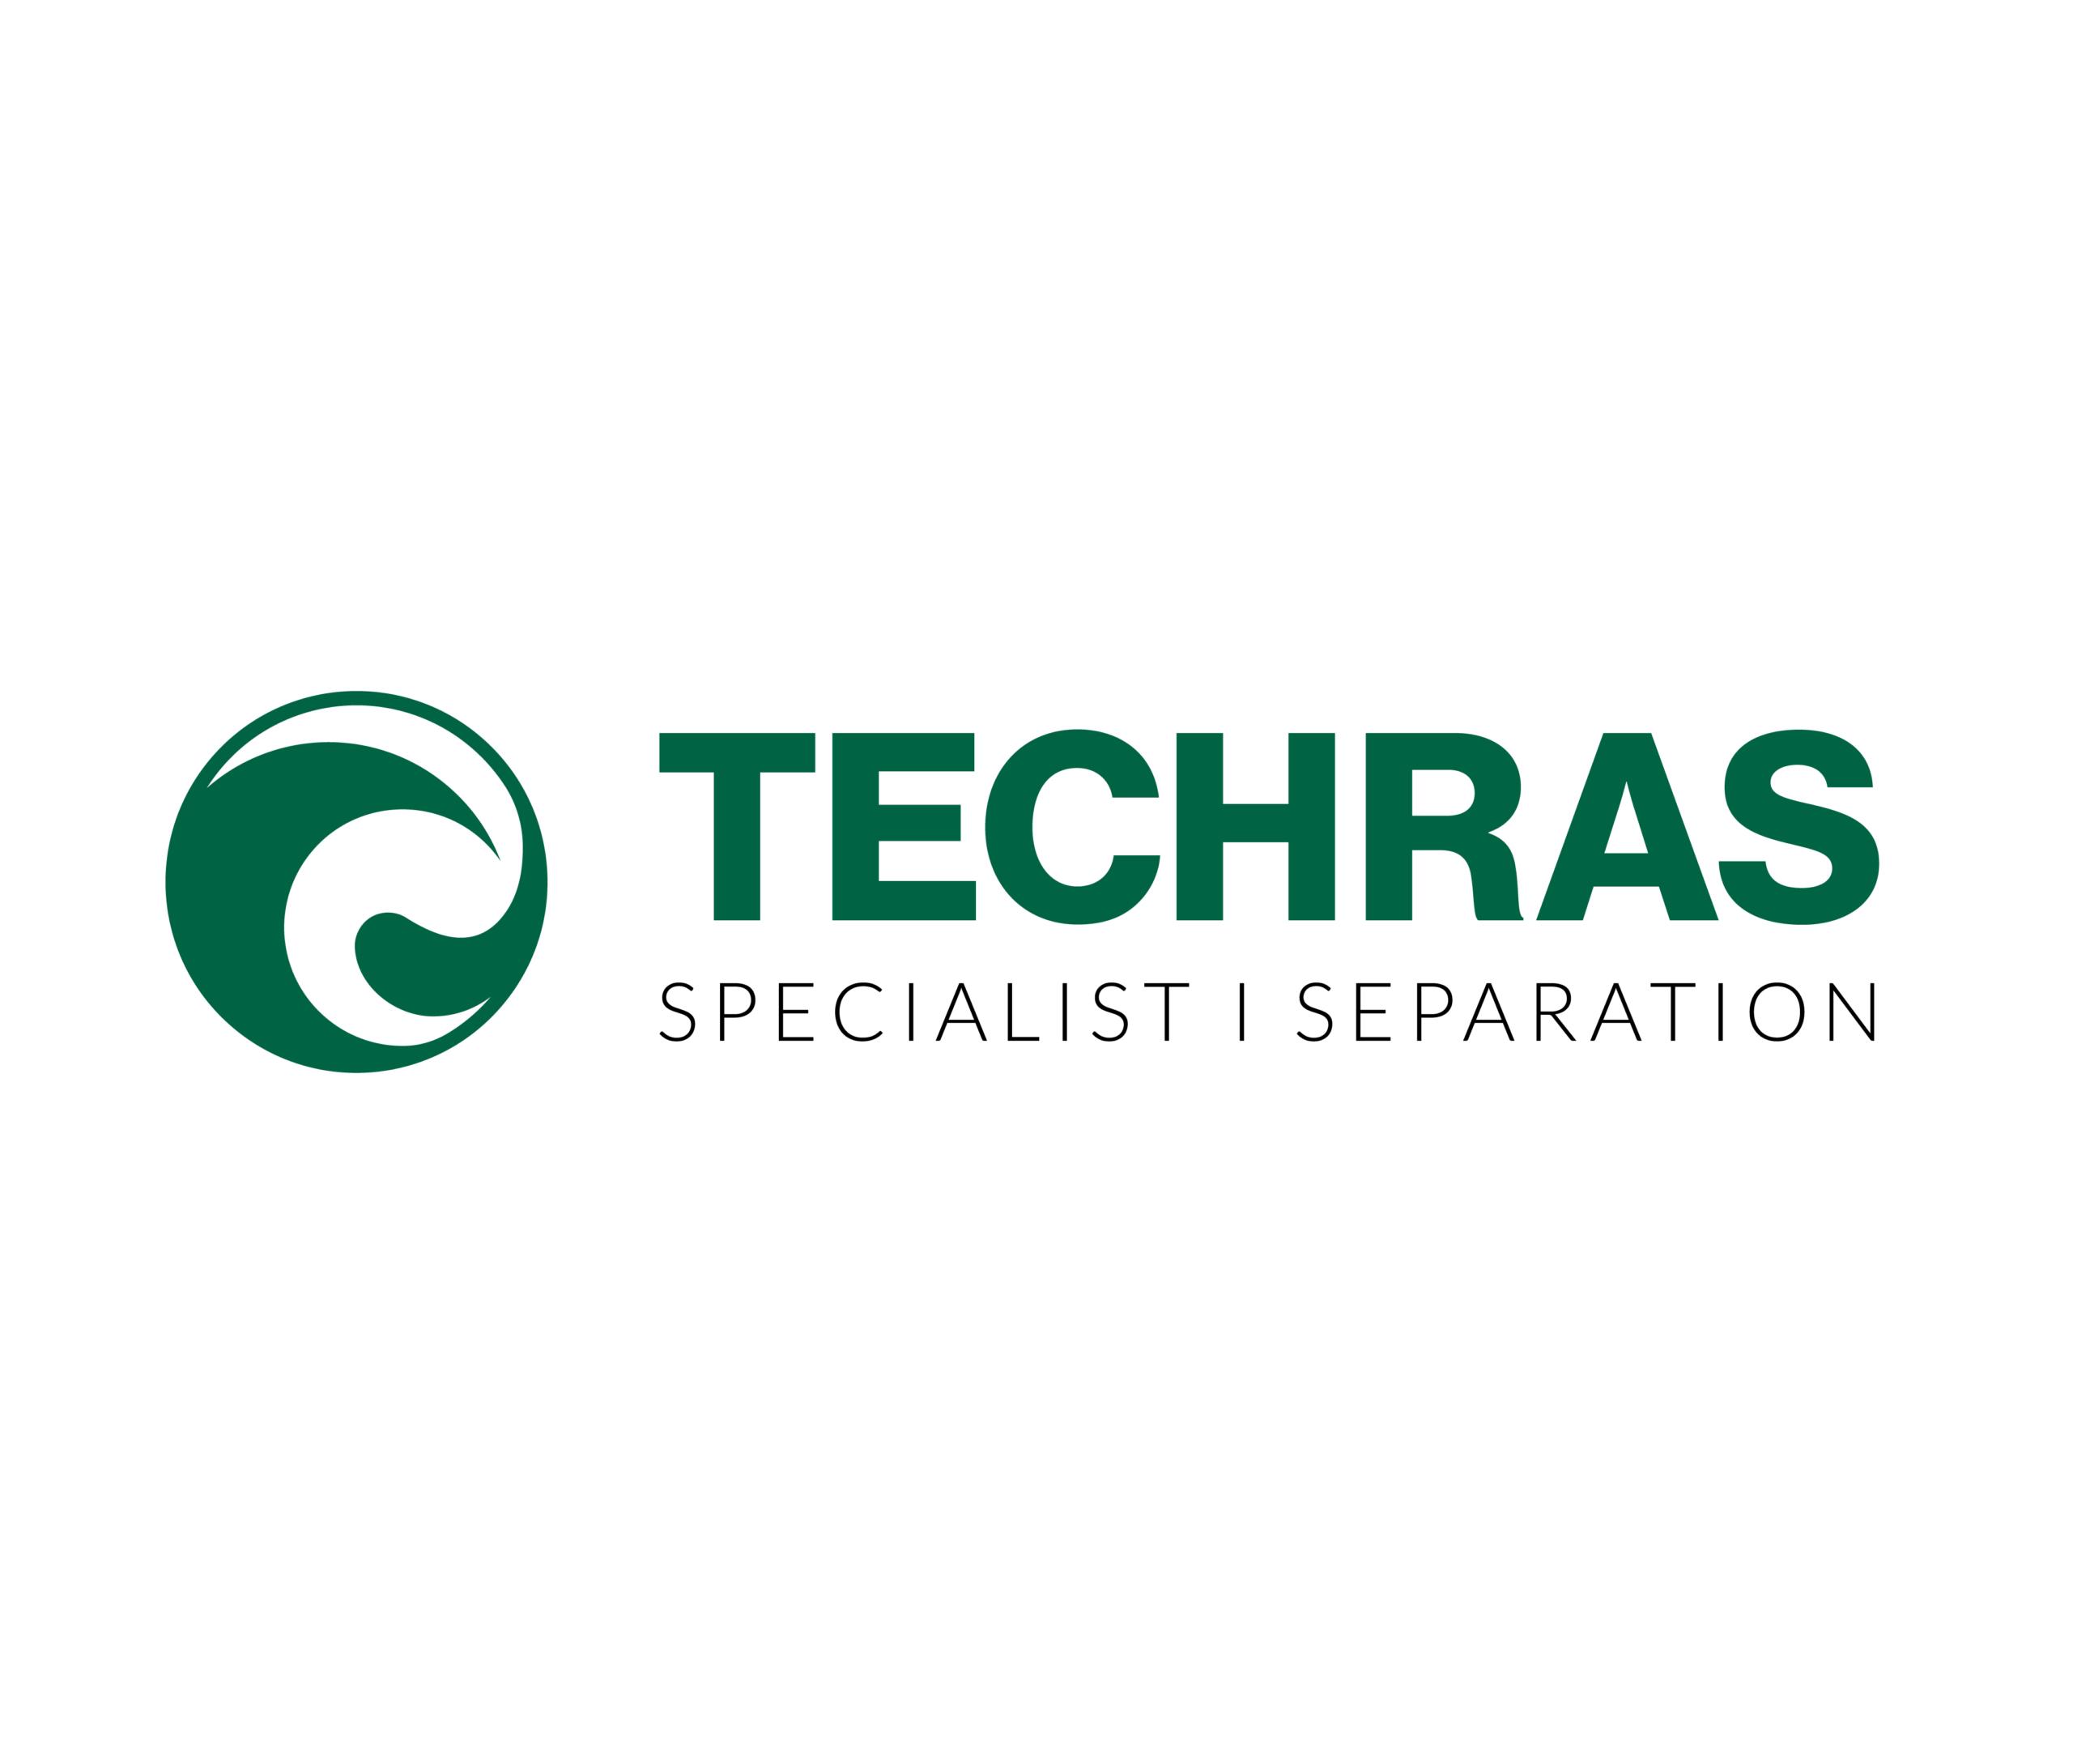 Techras